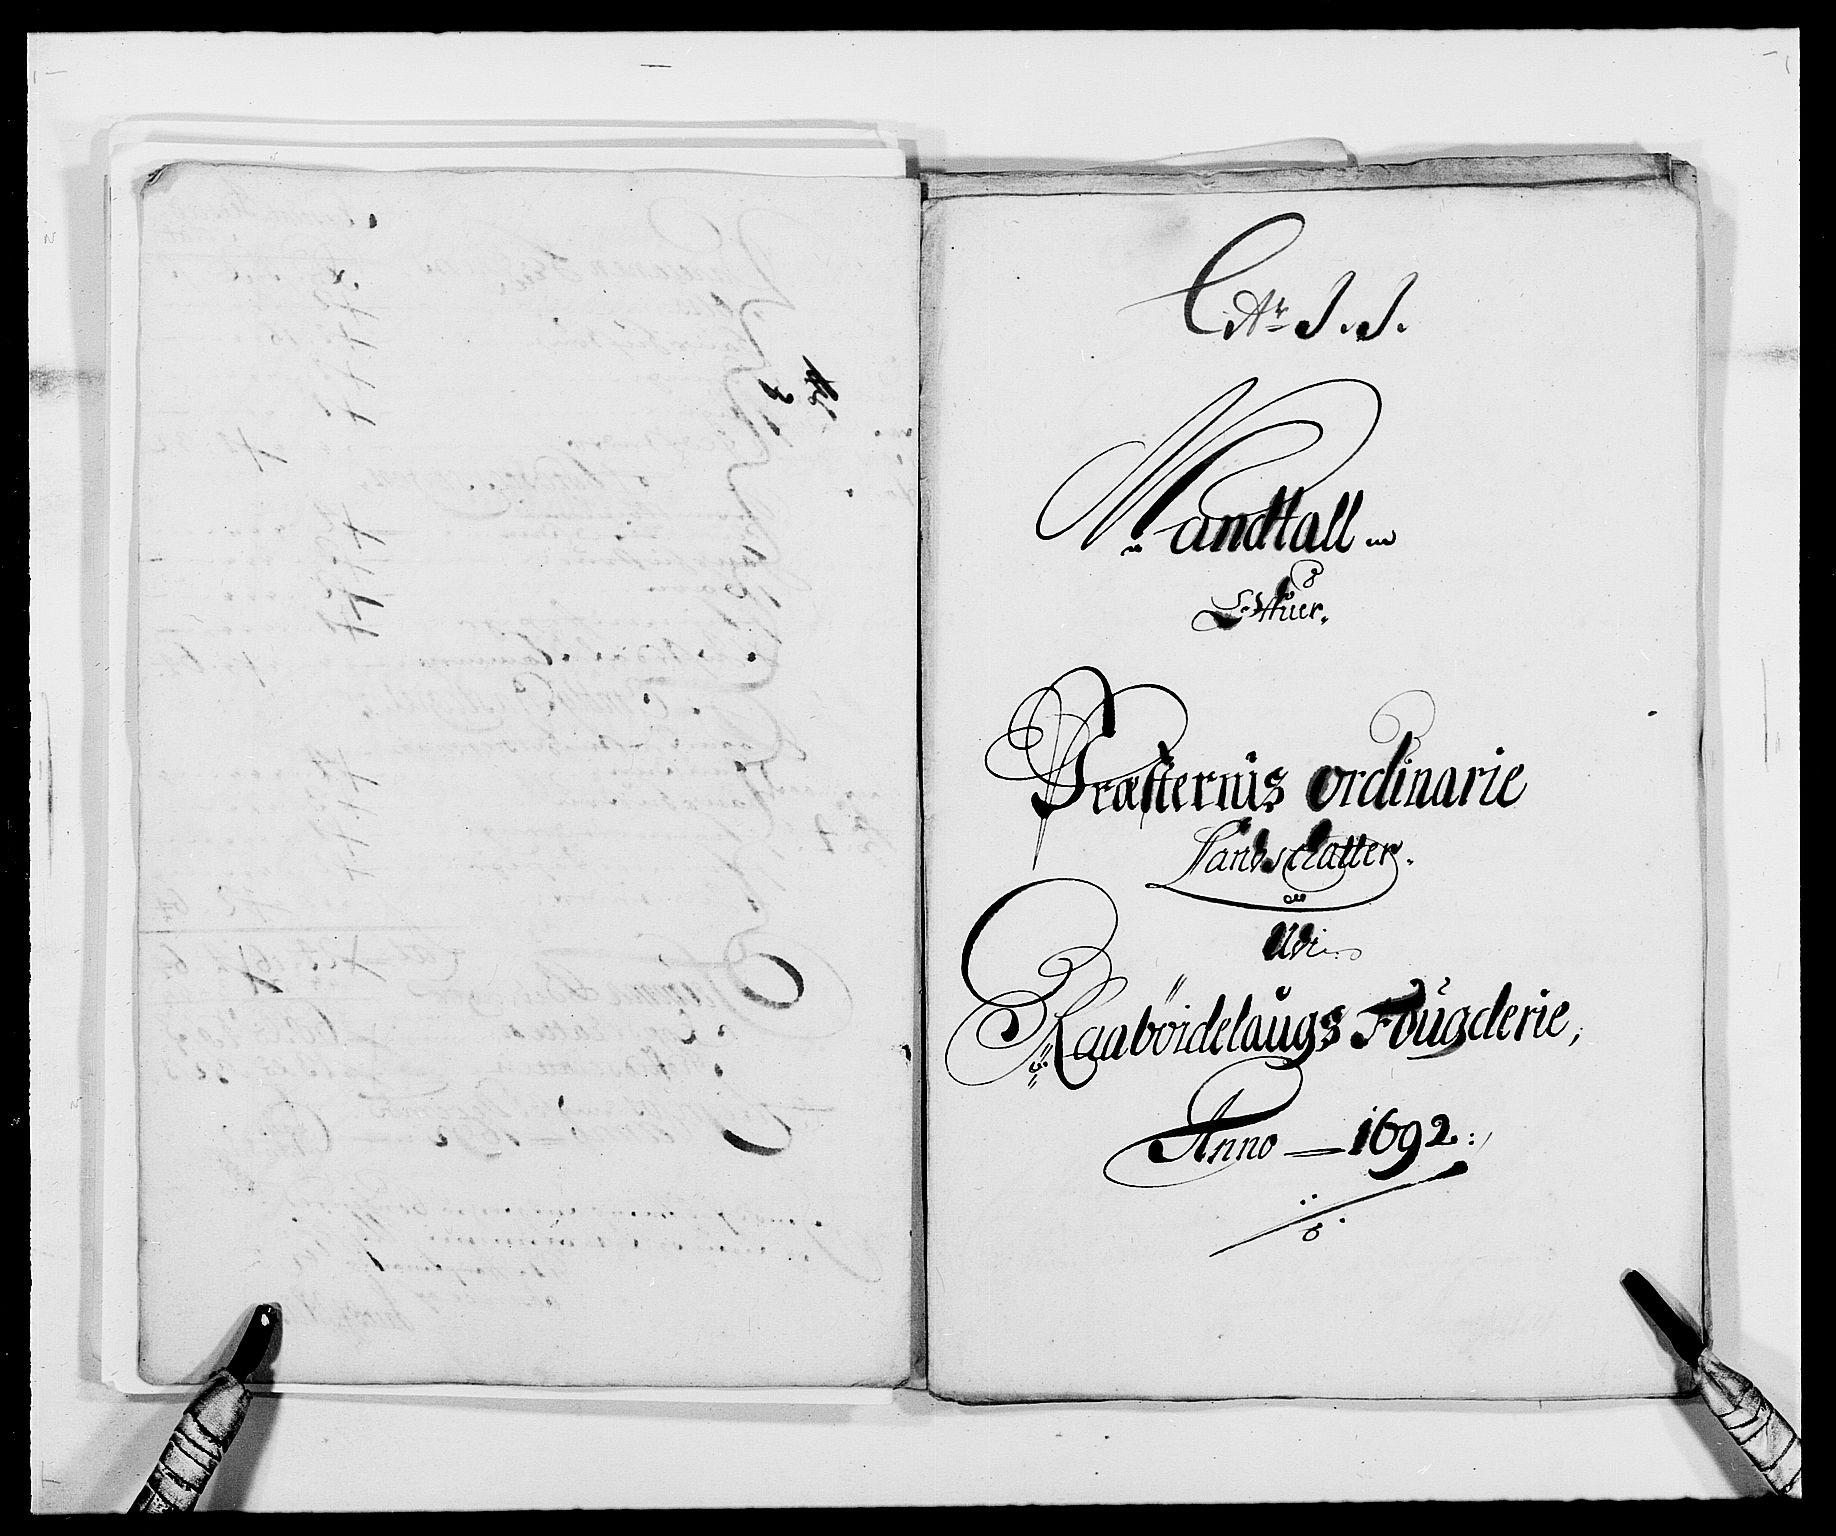 RA, Rentekammeret inntil 1814, Reviderte regnskaper, Fogderegnskap, R40/L2443: Fogderegnskap Råbyggelag, 1691-1692, s. 159